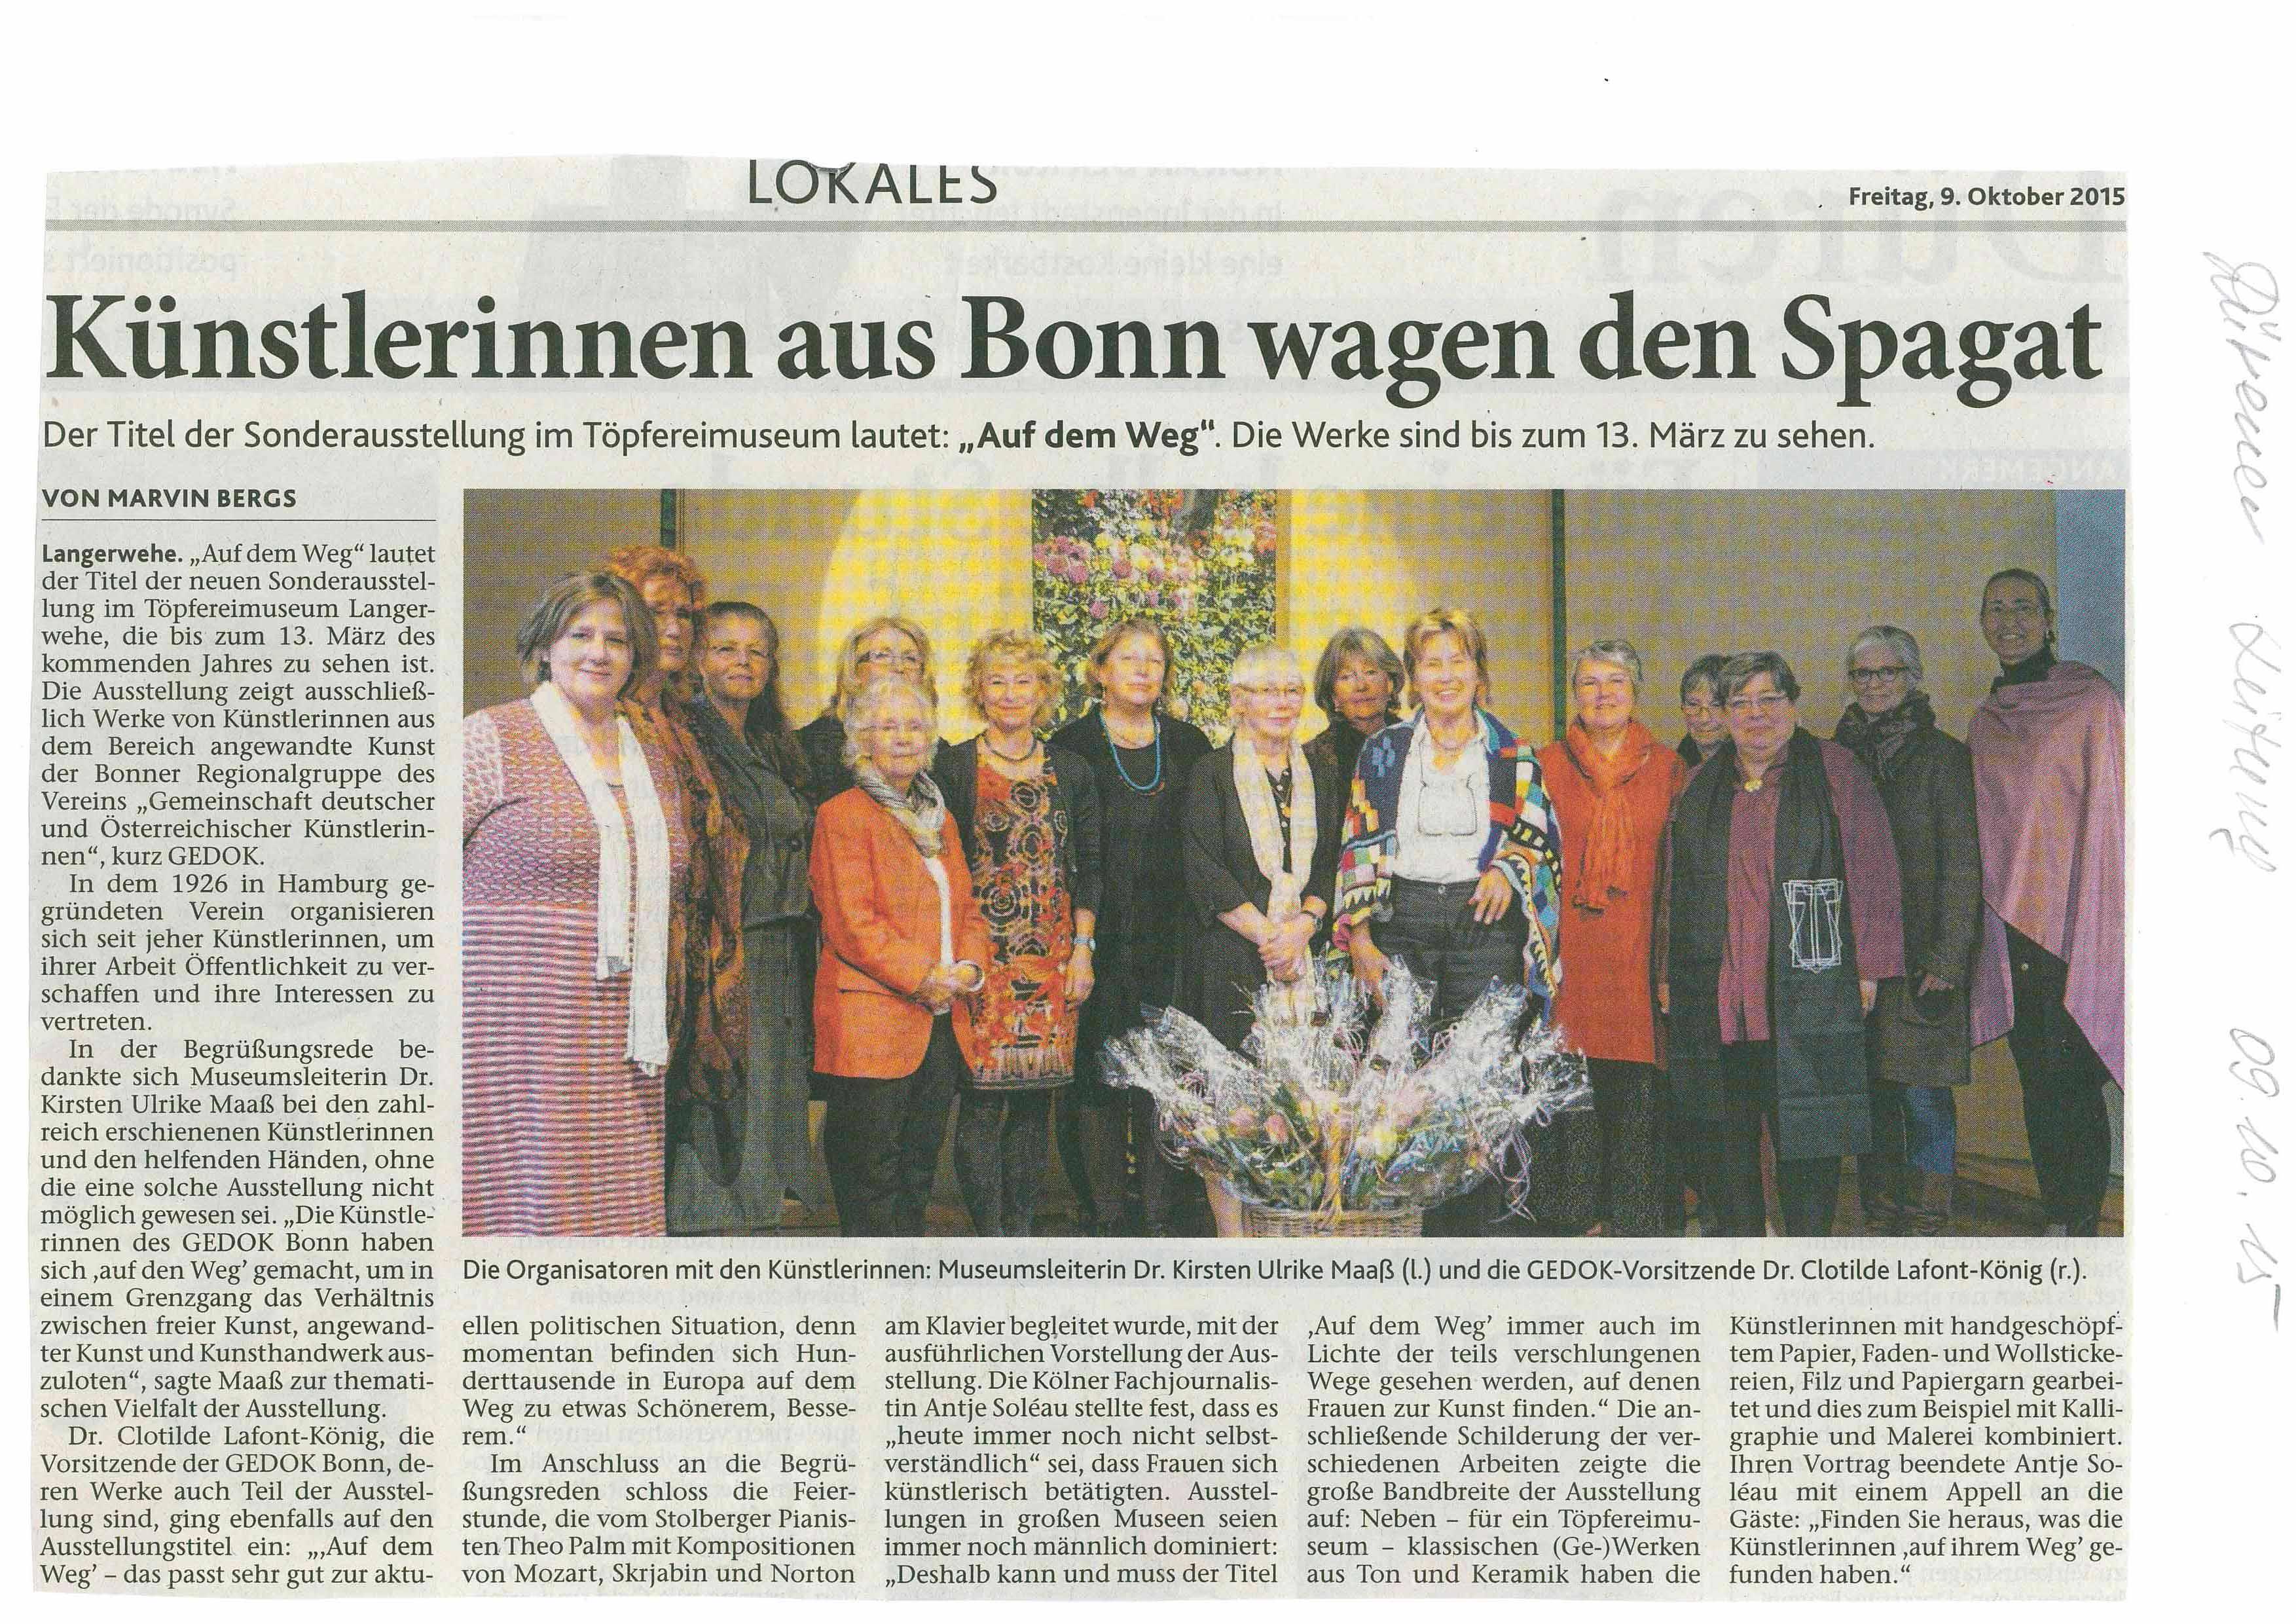 Künstlerinnen aus Bonn wagen den Spagat, Dürener Zeitung, 09.10.2015